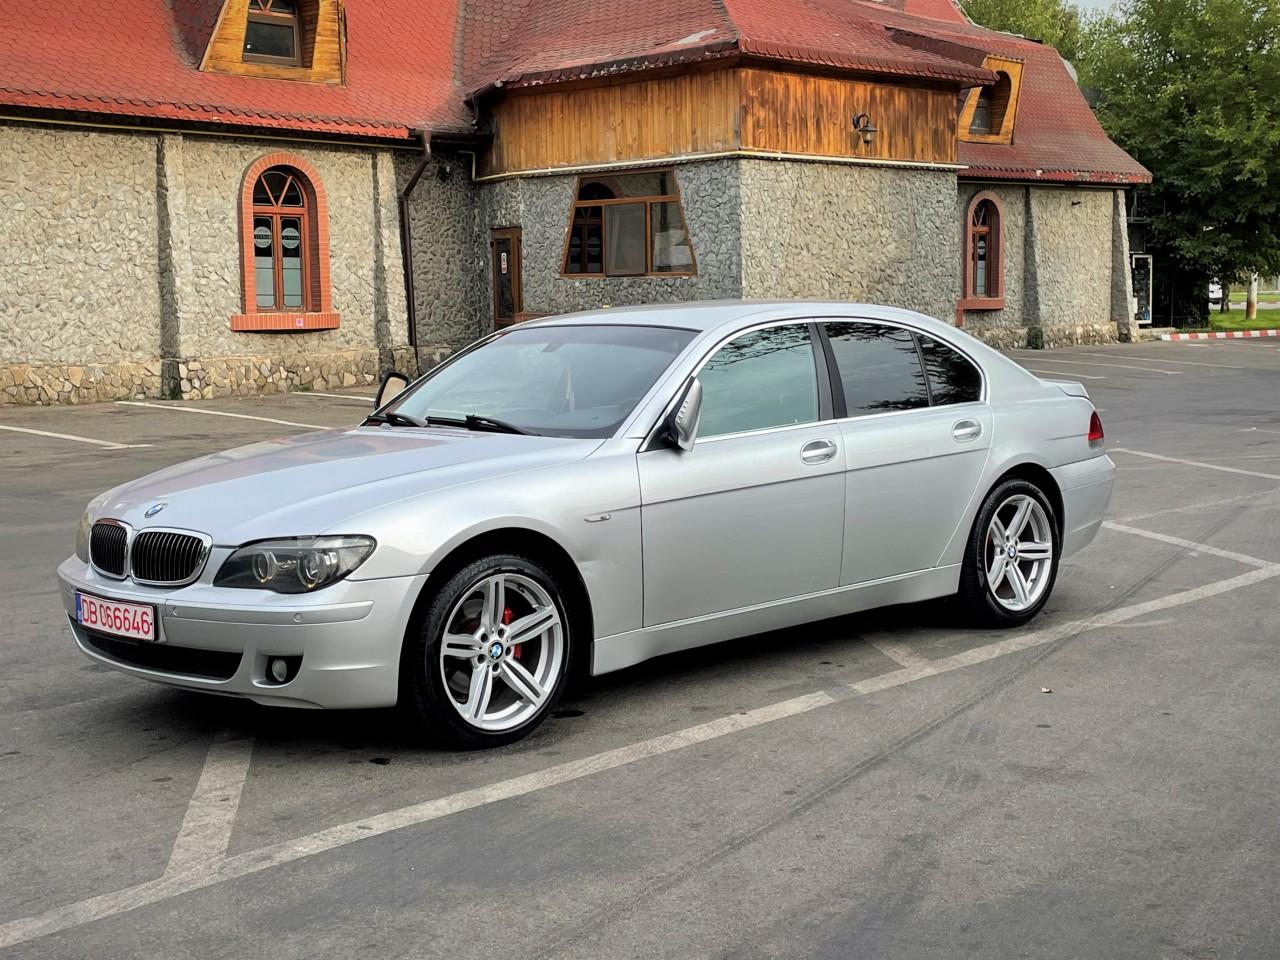 BMW 730 3.0D 2007